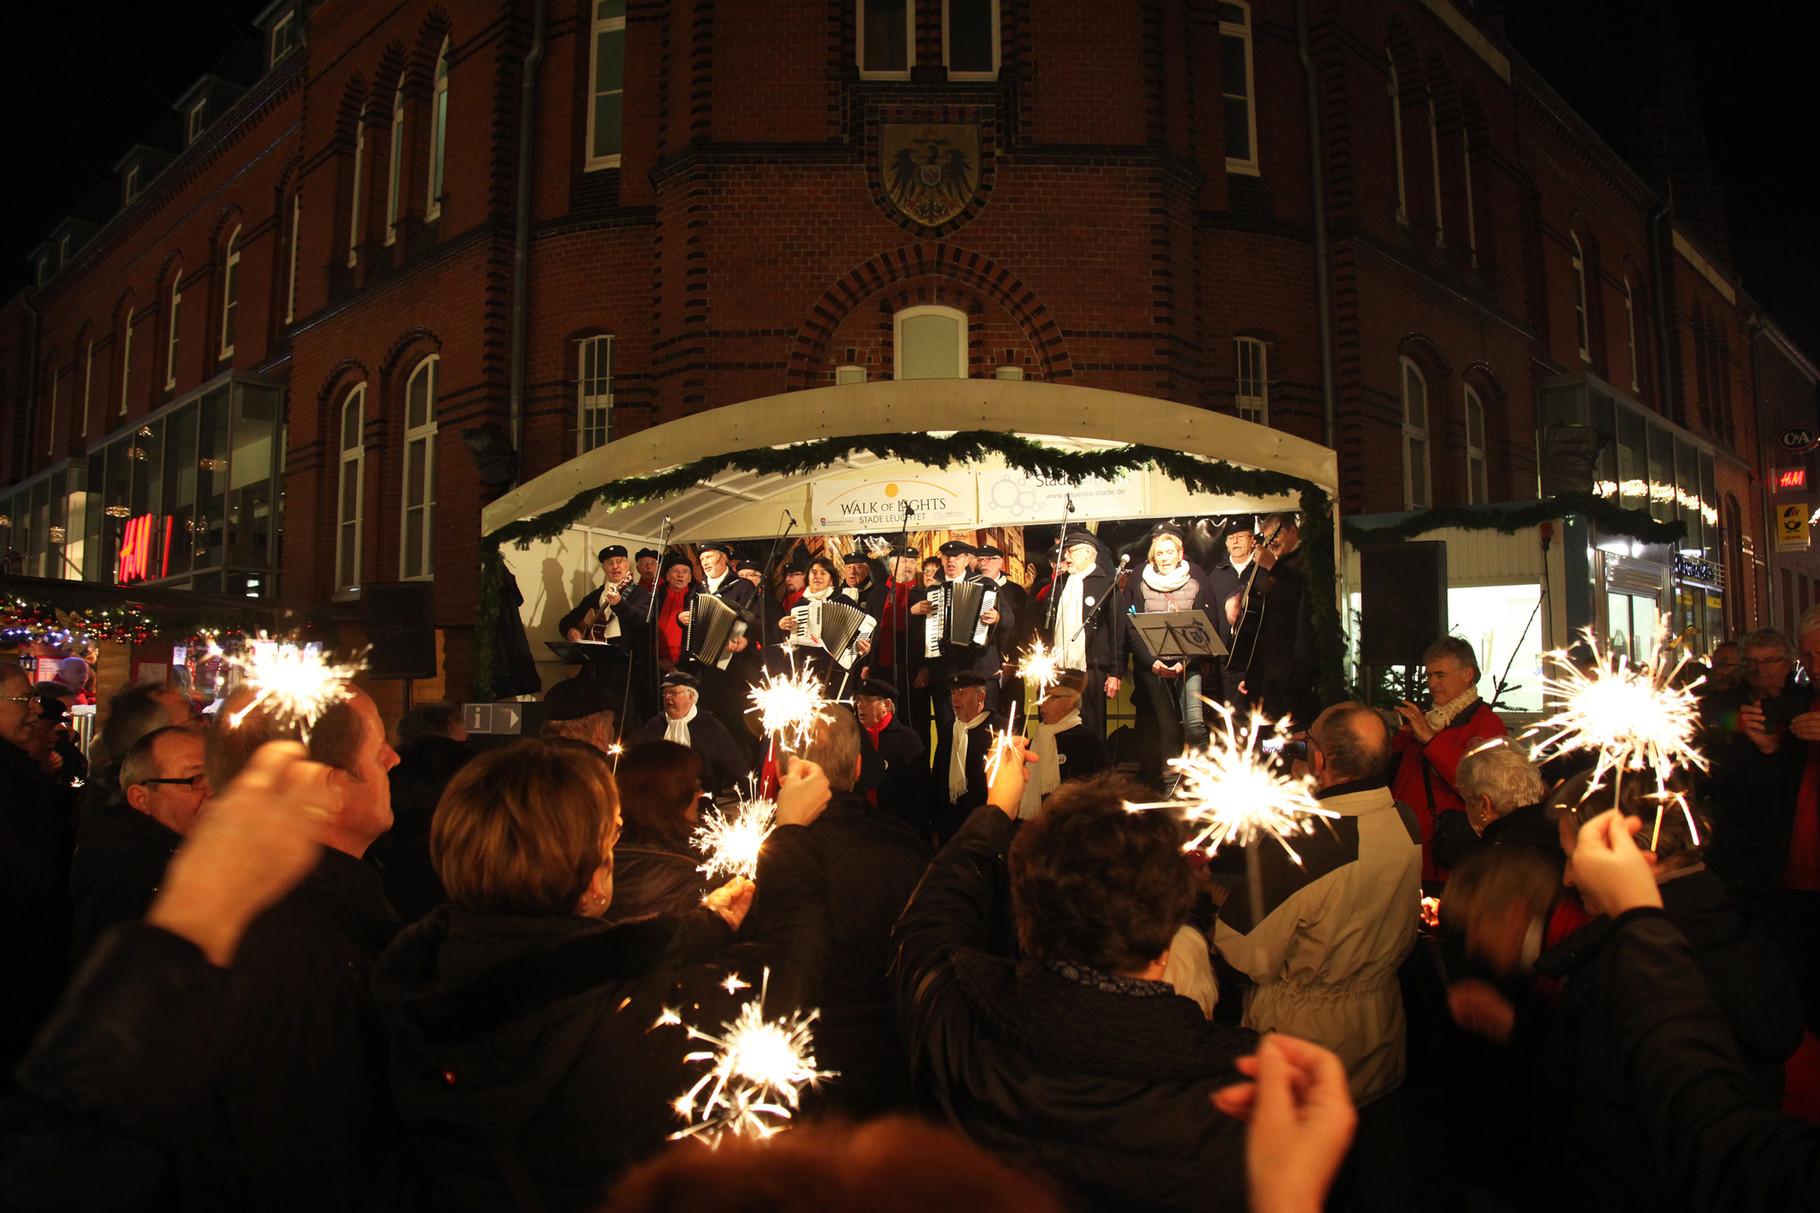 20.12.2015 -  Am vierten Advent gehört die Bühne auf dem Stader Weihnachtsmarkt traditionell den Stader Hafensängern.